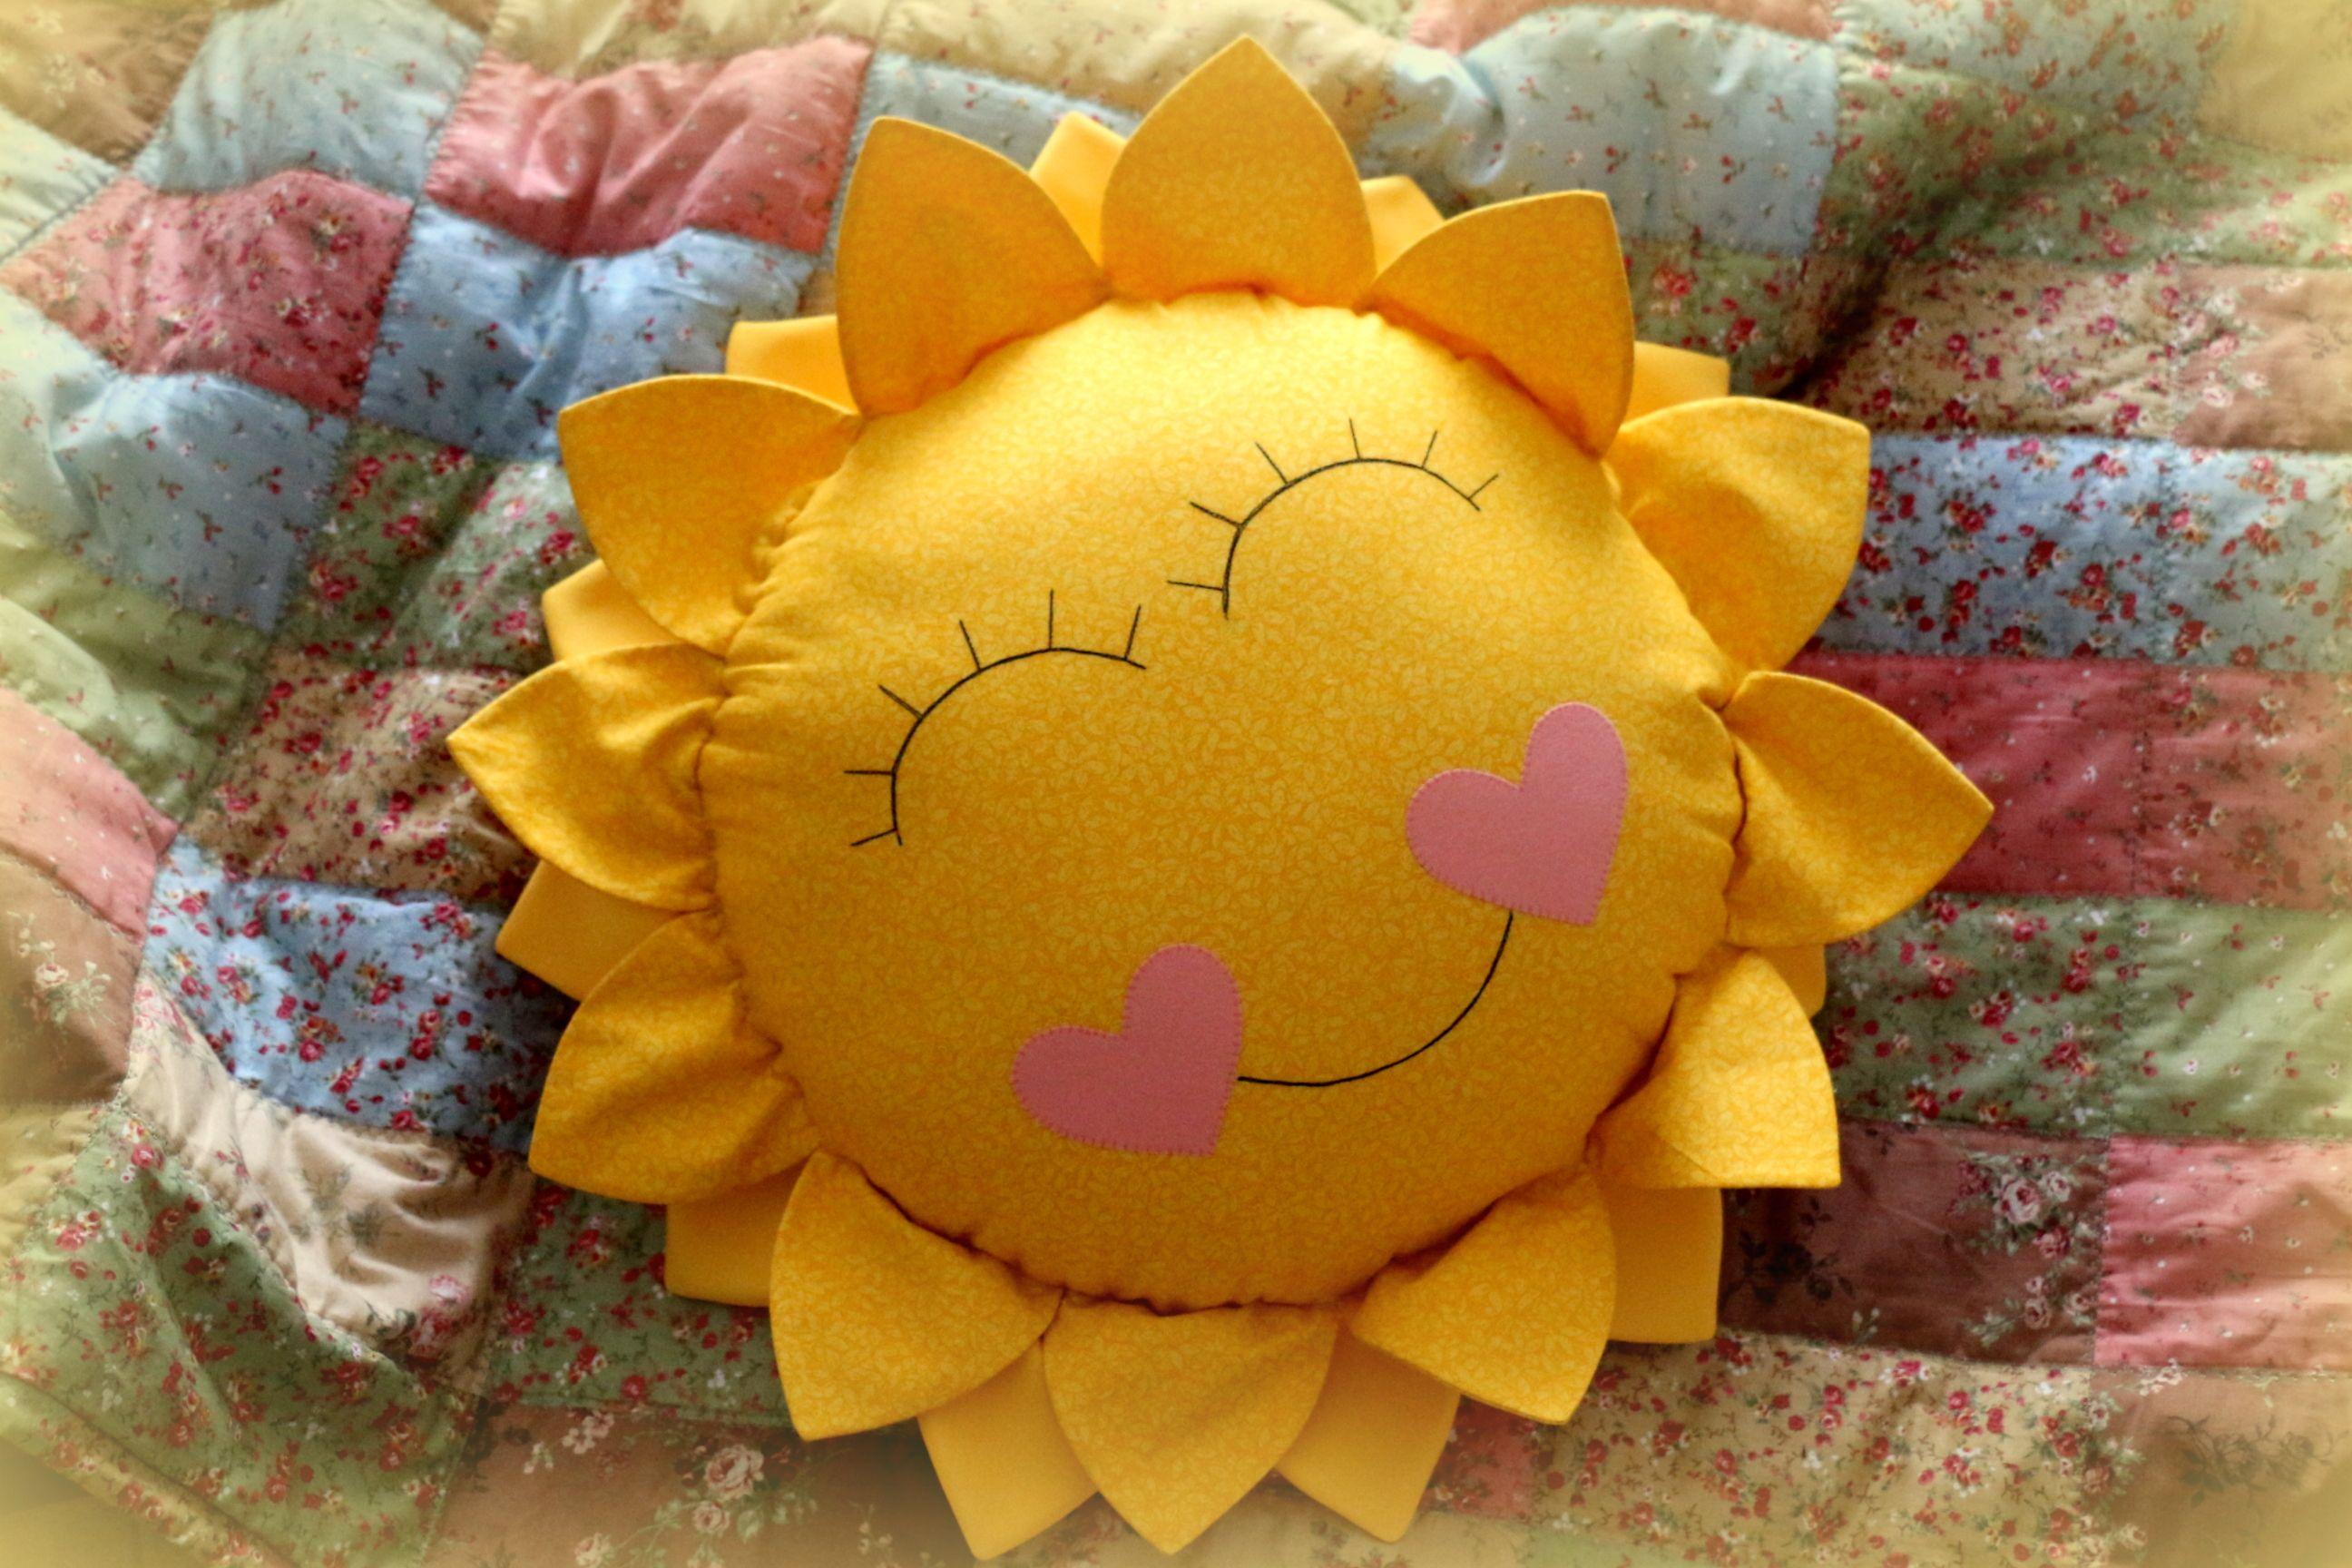 мягкая игрушка с солнышком картинки компьютера интернета